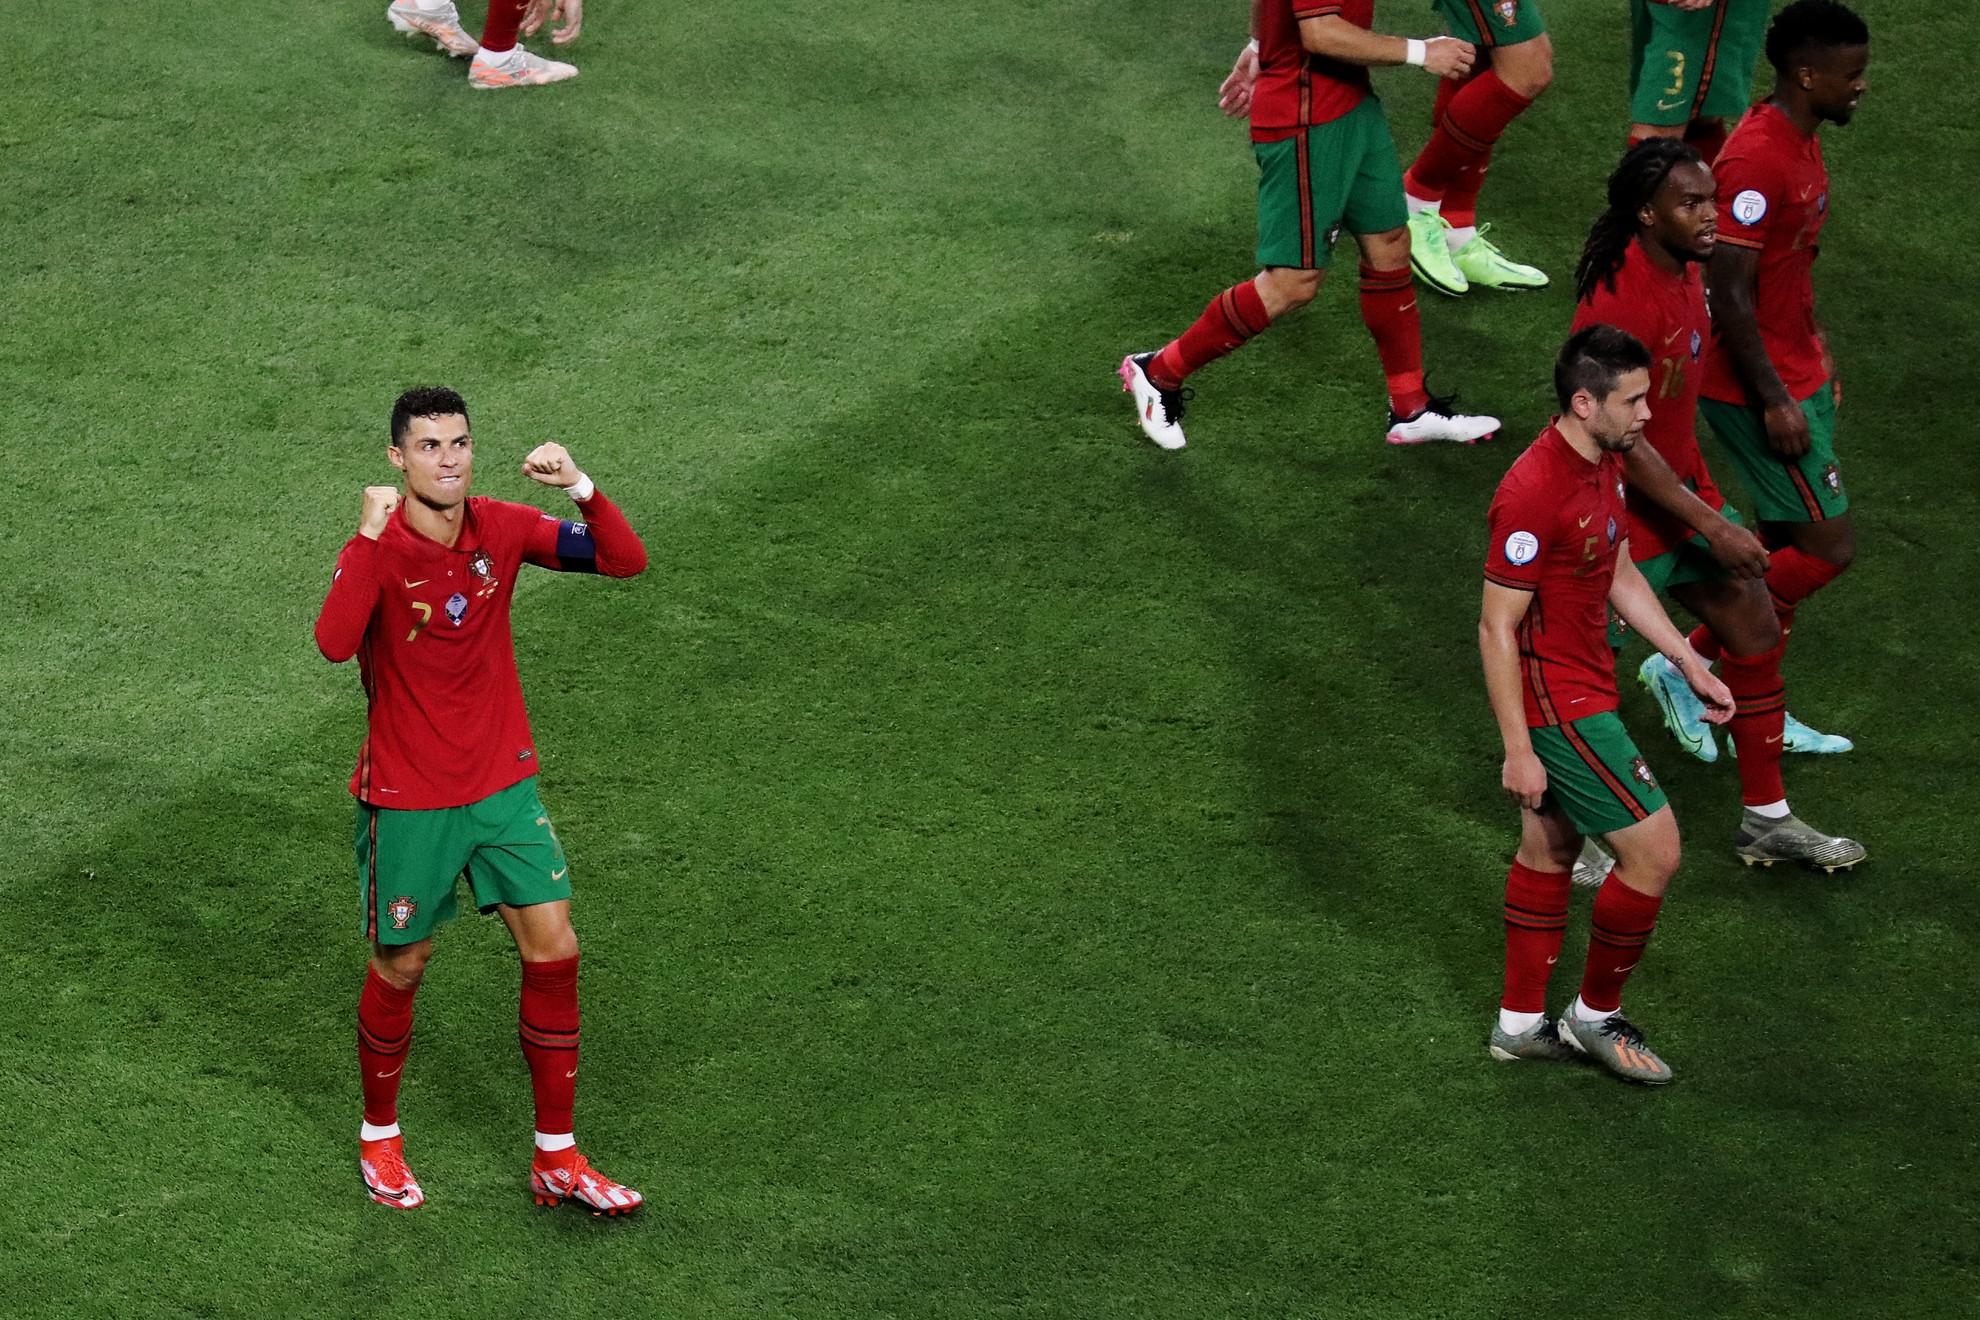 Ronaldo (balra) joggal örülhet: duplájával utolérte az irániak legendáját, a legtöbb válogatottban szerzett gól csúcsát tartó Ali Daeit